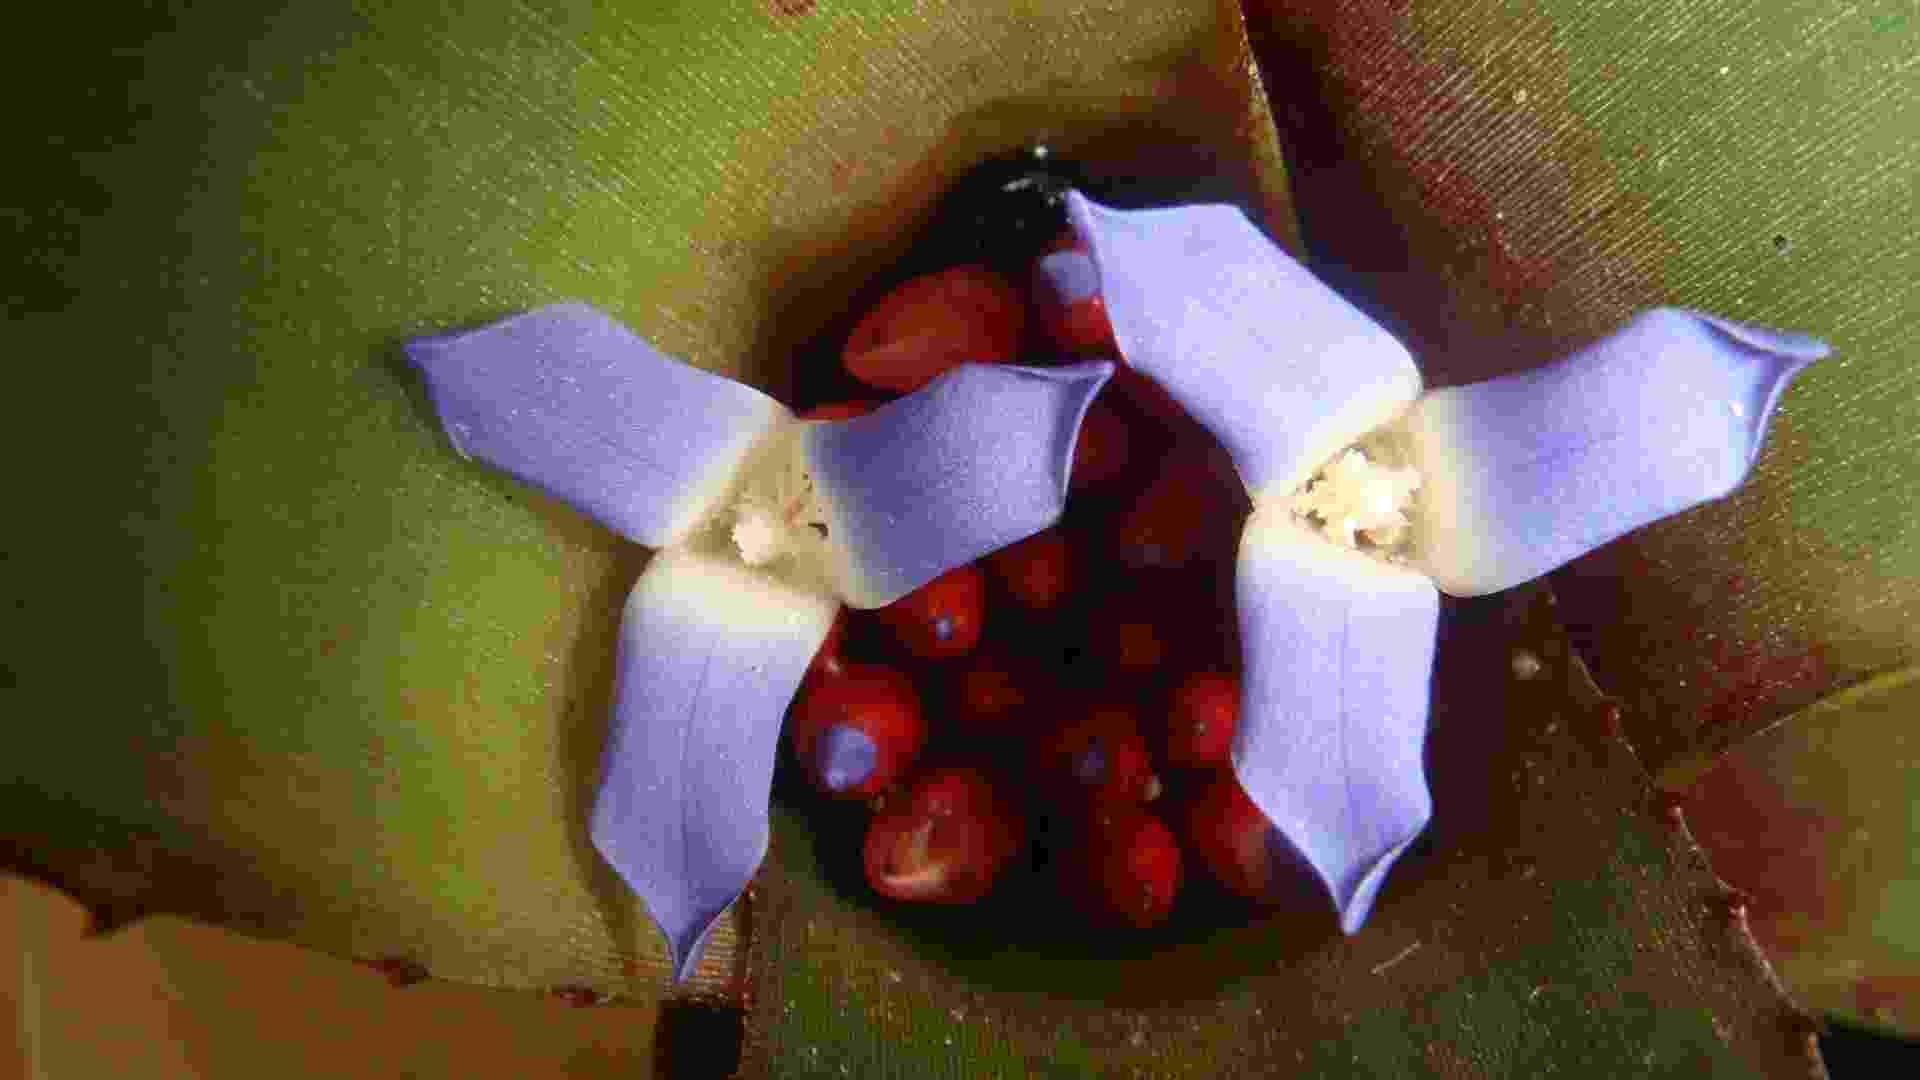 Com folhas largas, achatadas e rígidas e tanque central onde ocorre a floração, as bromélias Neoregelia são originárias no Brasil. As inflorescências se formam numa depressão no centro da planta, formando um receptáculo para recolher água. Aparecem como epífitas ou rupícolas, desenvolvendo-se em meio iluminado, com sol pela manhã e no fim da tarde - Nara Vasconcellos/Jardim Botânico do Rio de Janeiro/ Divulgação